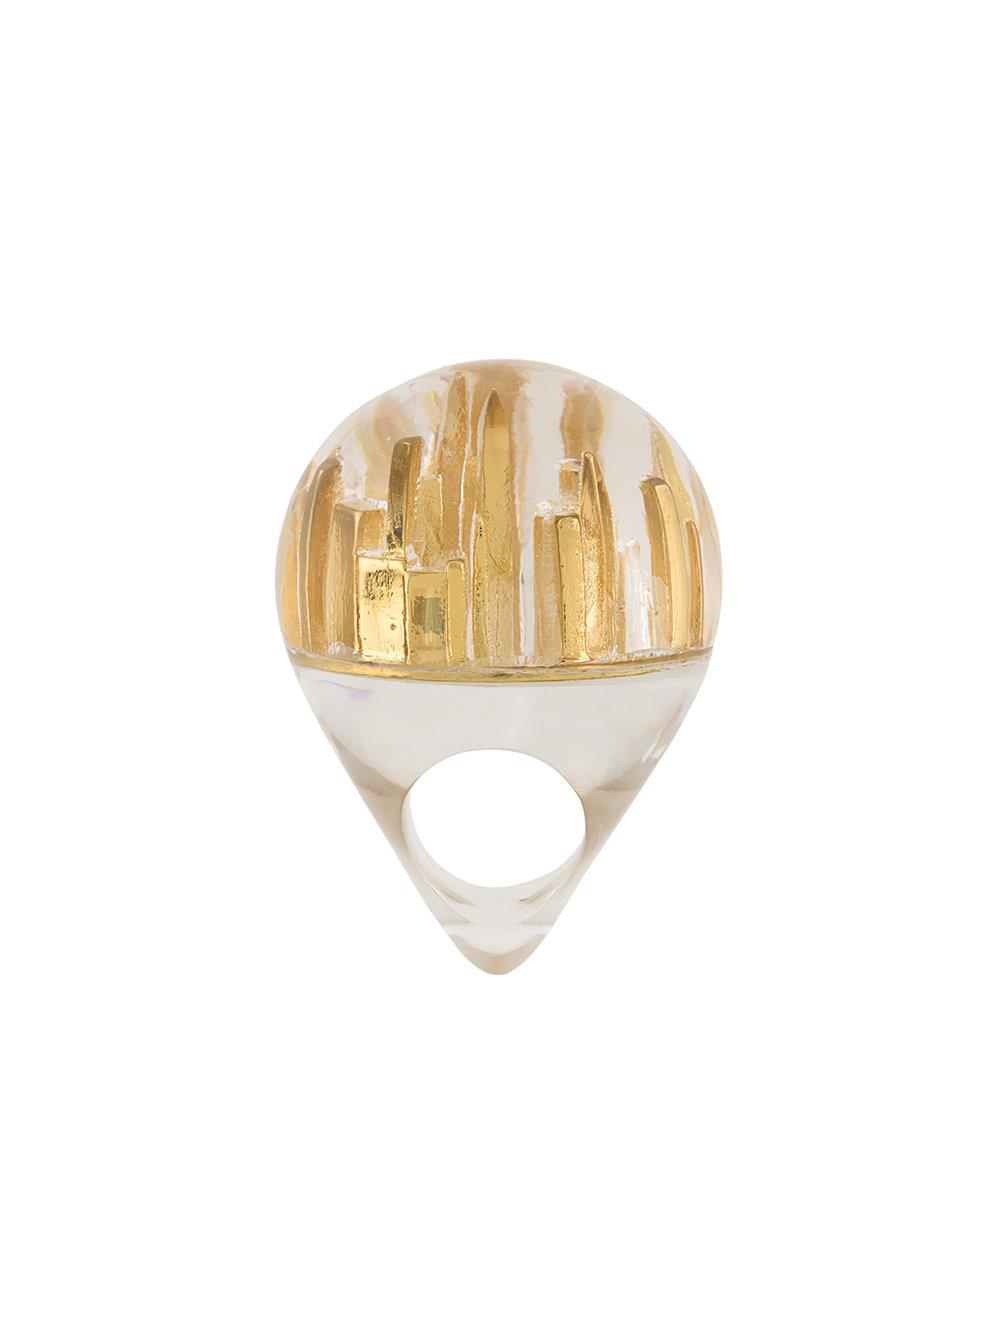 CATALINA D'ANGLADE  Big Apple ring $553.00, FarFetch.com